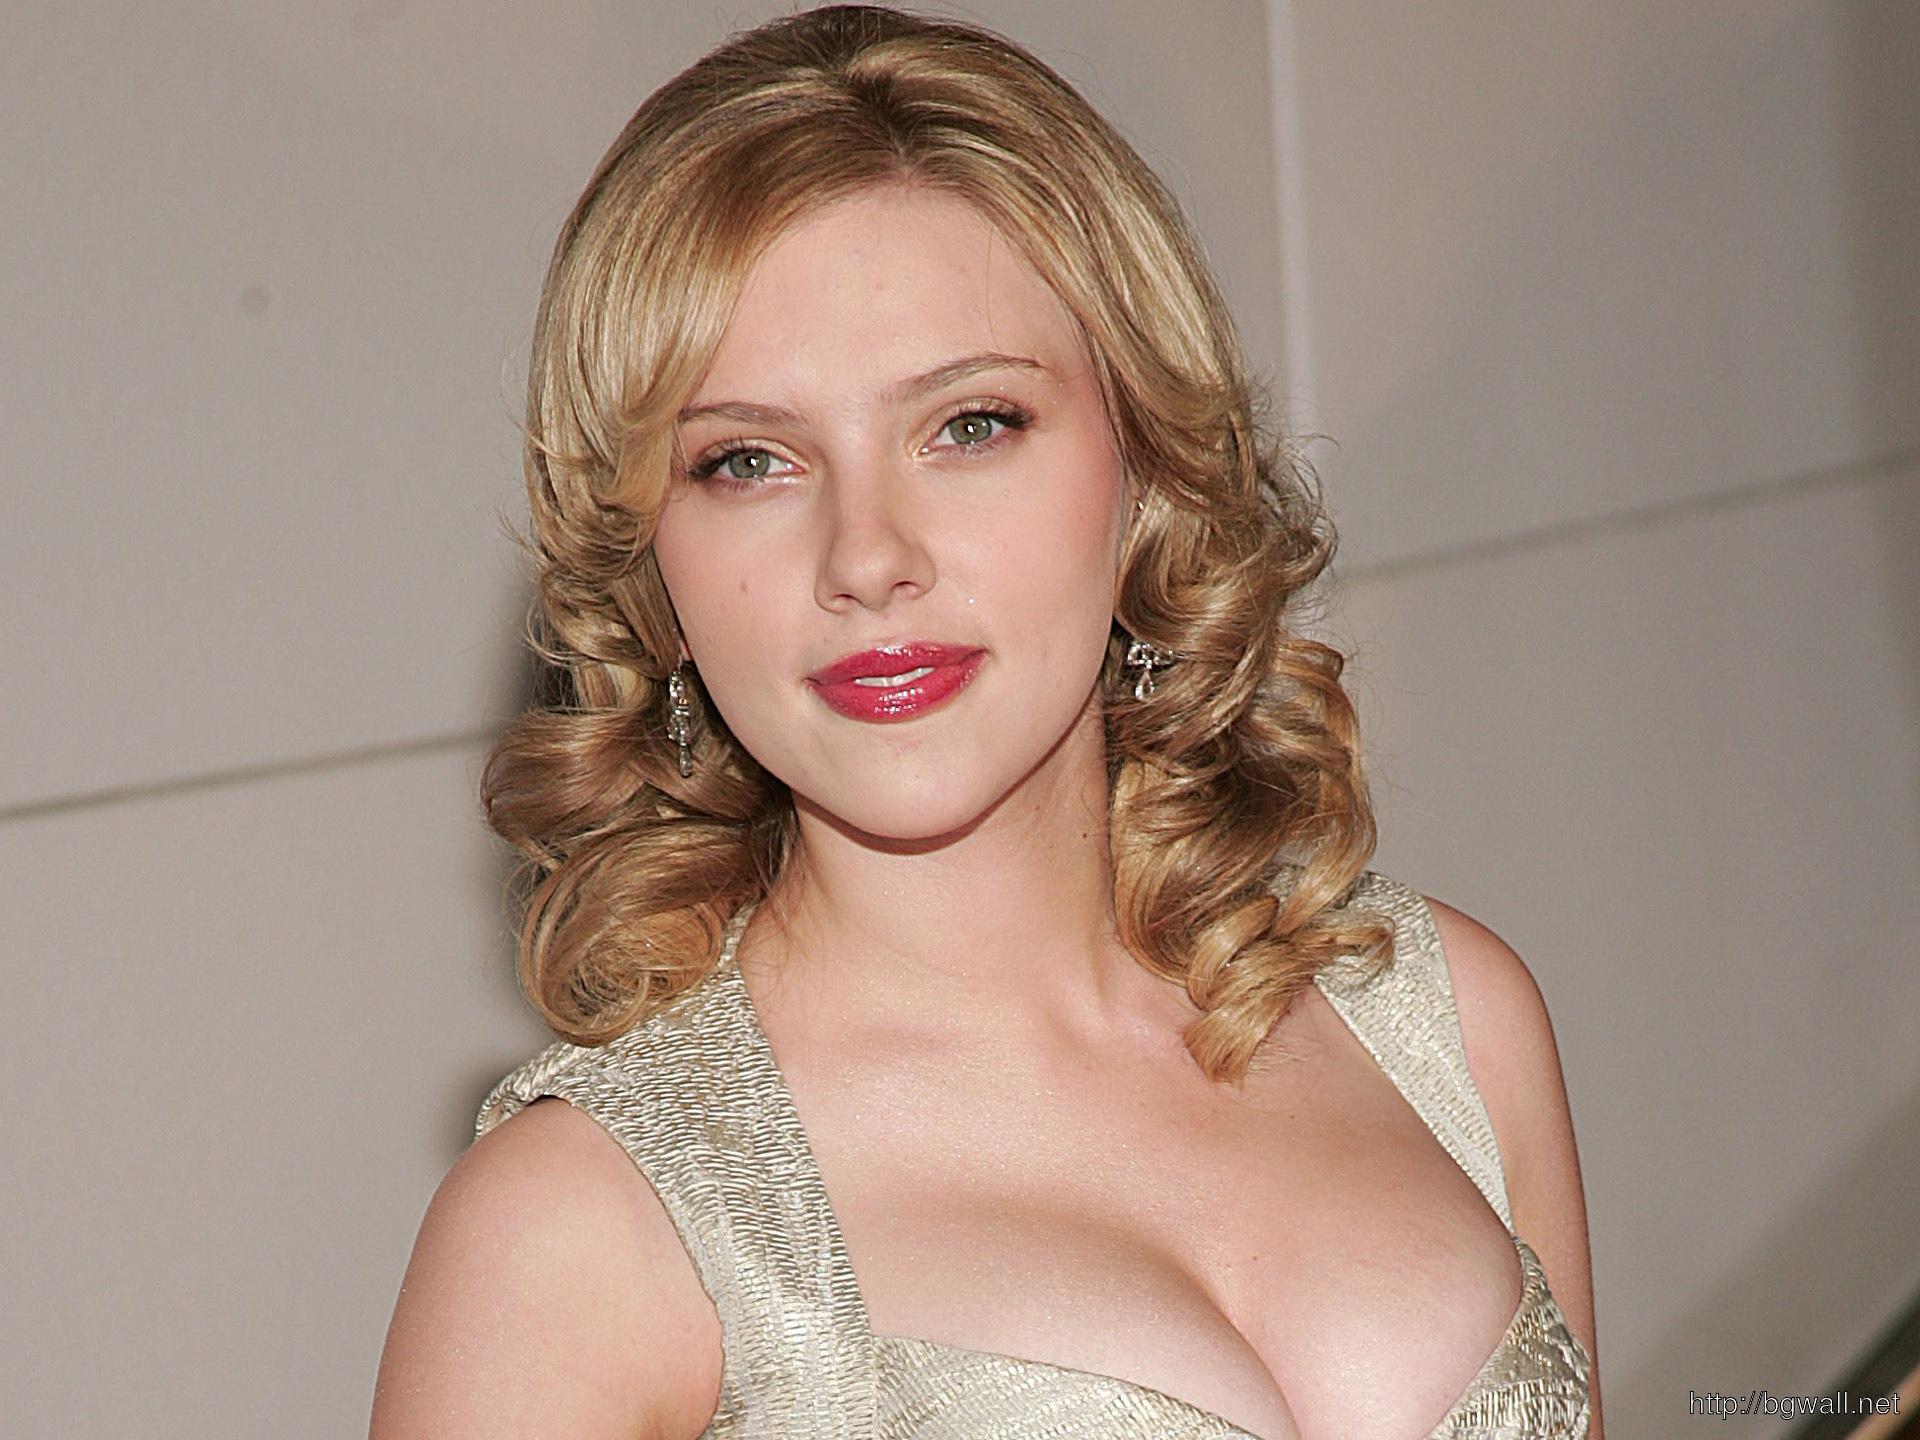 Scarlett Johansson 2013 Wallpaper